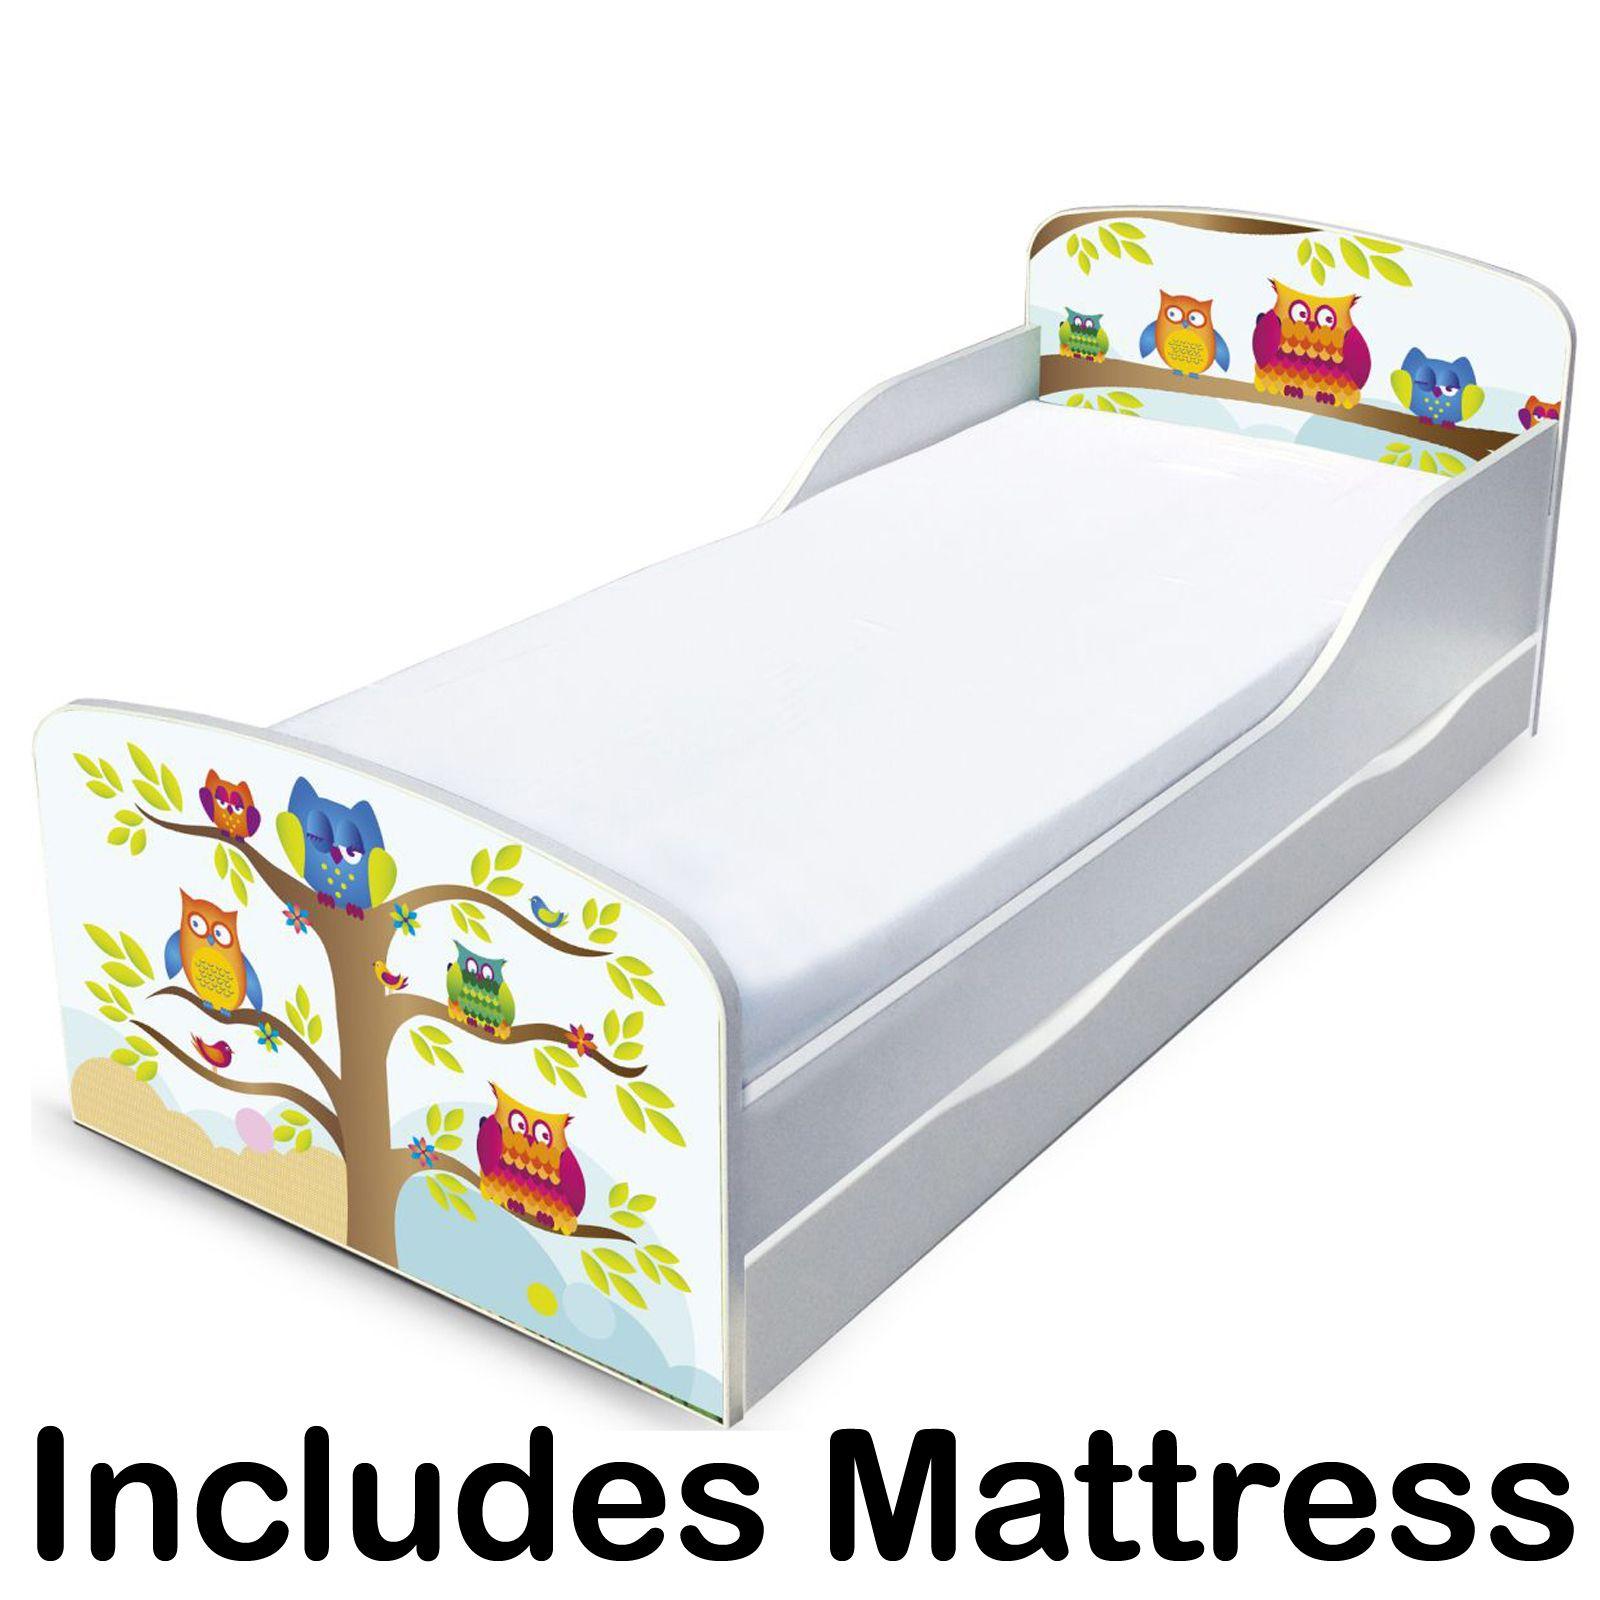 eulen mdf kleinkind bett mit unterbett aufbewahrung luxus. Black Bedroom Furniture Sets. Home Design Ideas